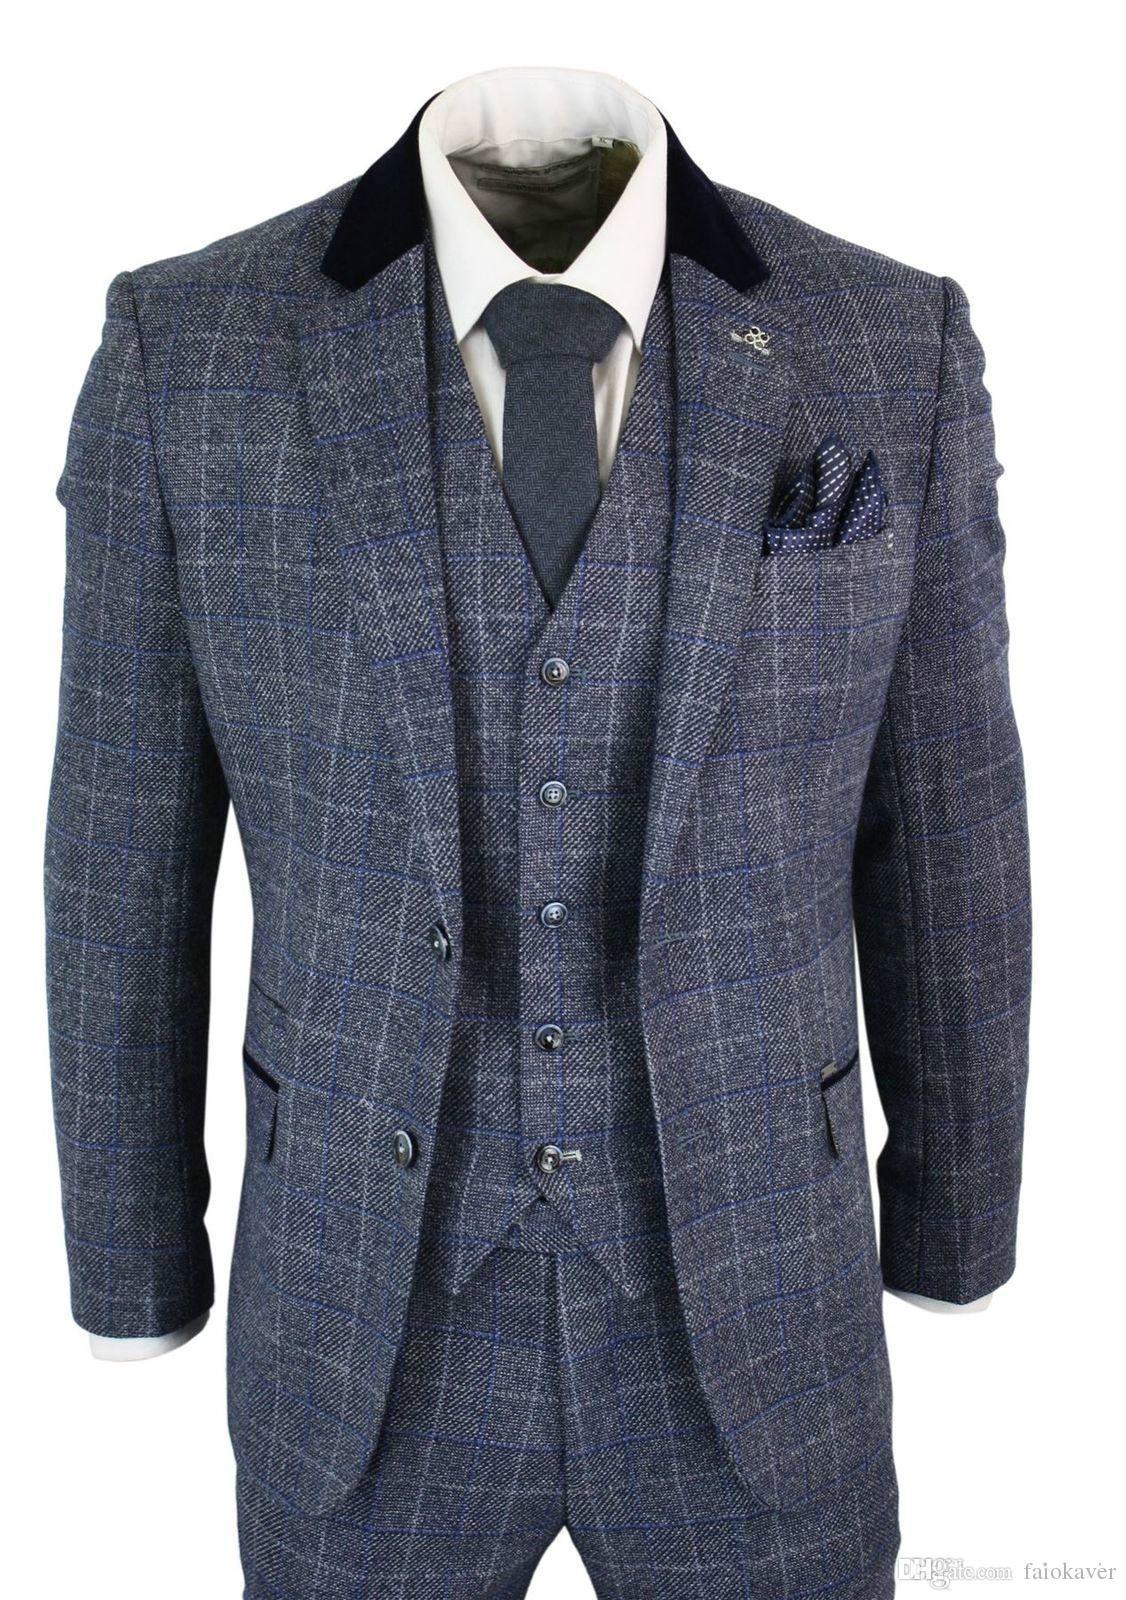 Herren Anzüge Blau Navy 3 Stück Tweed-Anzug mit Fischgrätmuster Weinlese Peaky Blinders nach Maß Bräutigam Hochzeit Smoking trägt